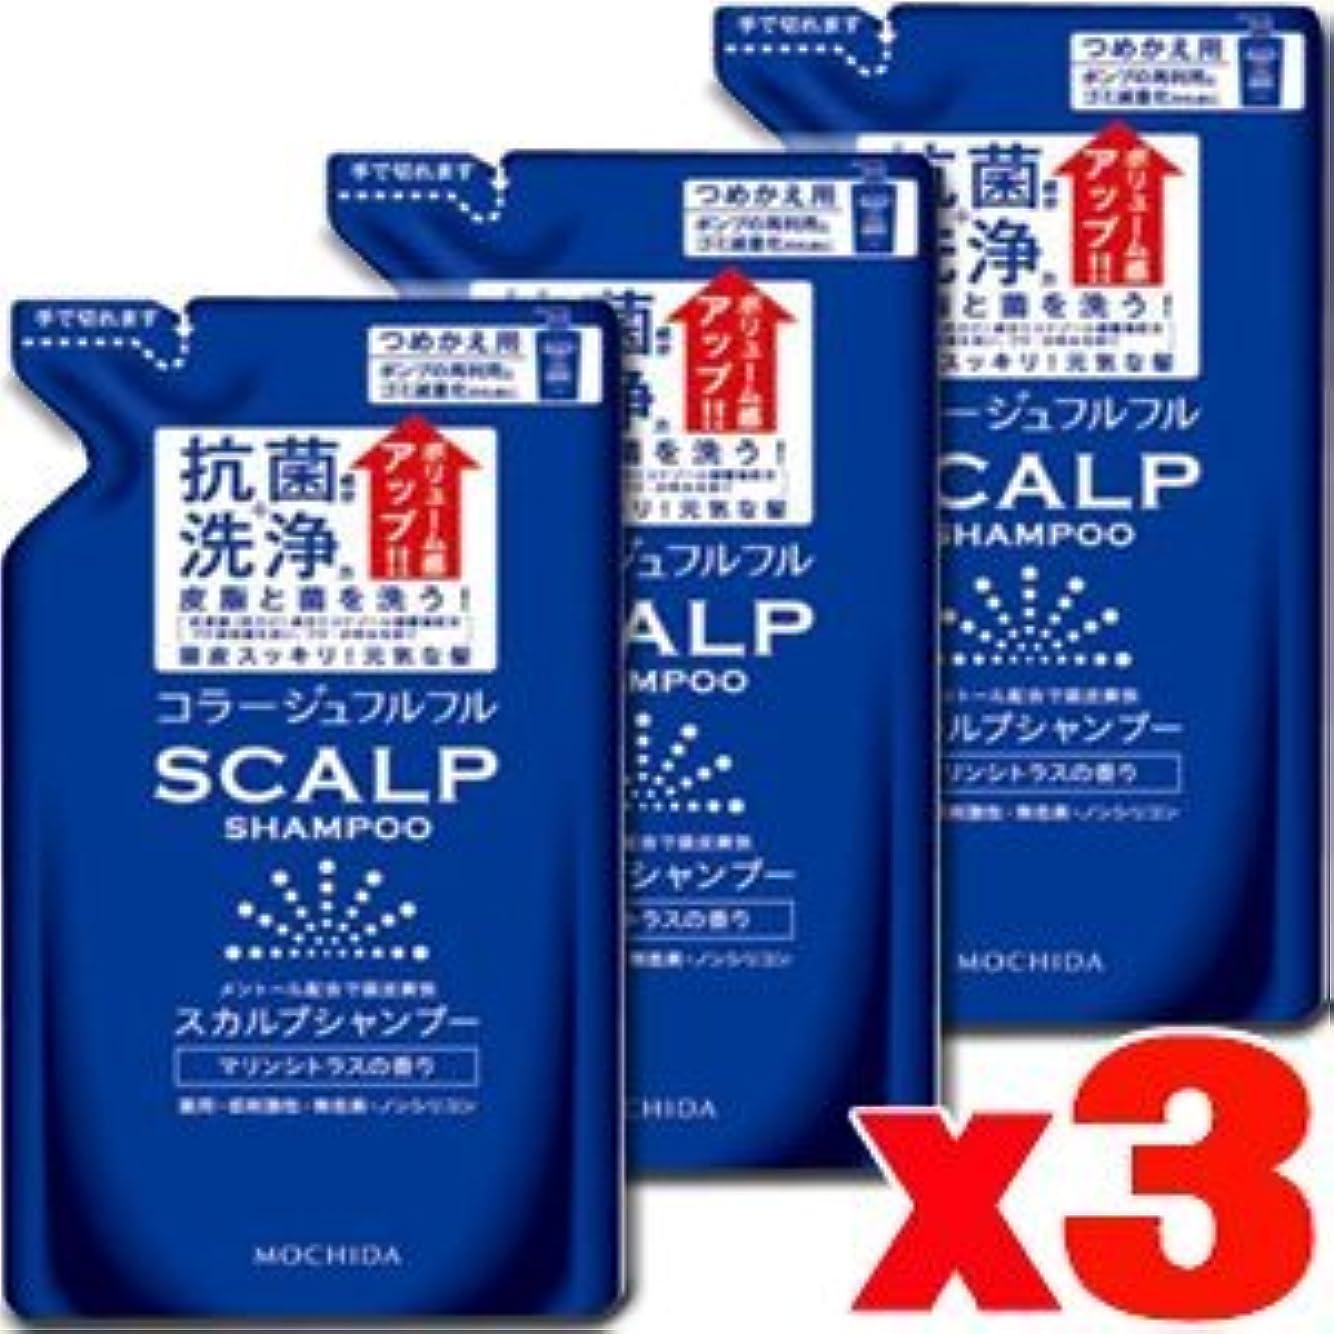 予言する凝視奨励します【詰替えx3個】コラージュフルフル スカルプシャンプーマリンシトラスの香り 詰替え260mlx3個(4987767660462-3)